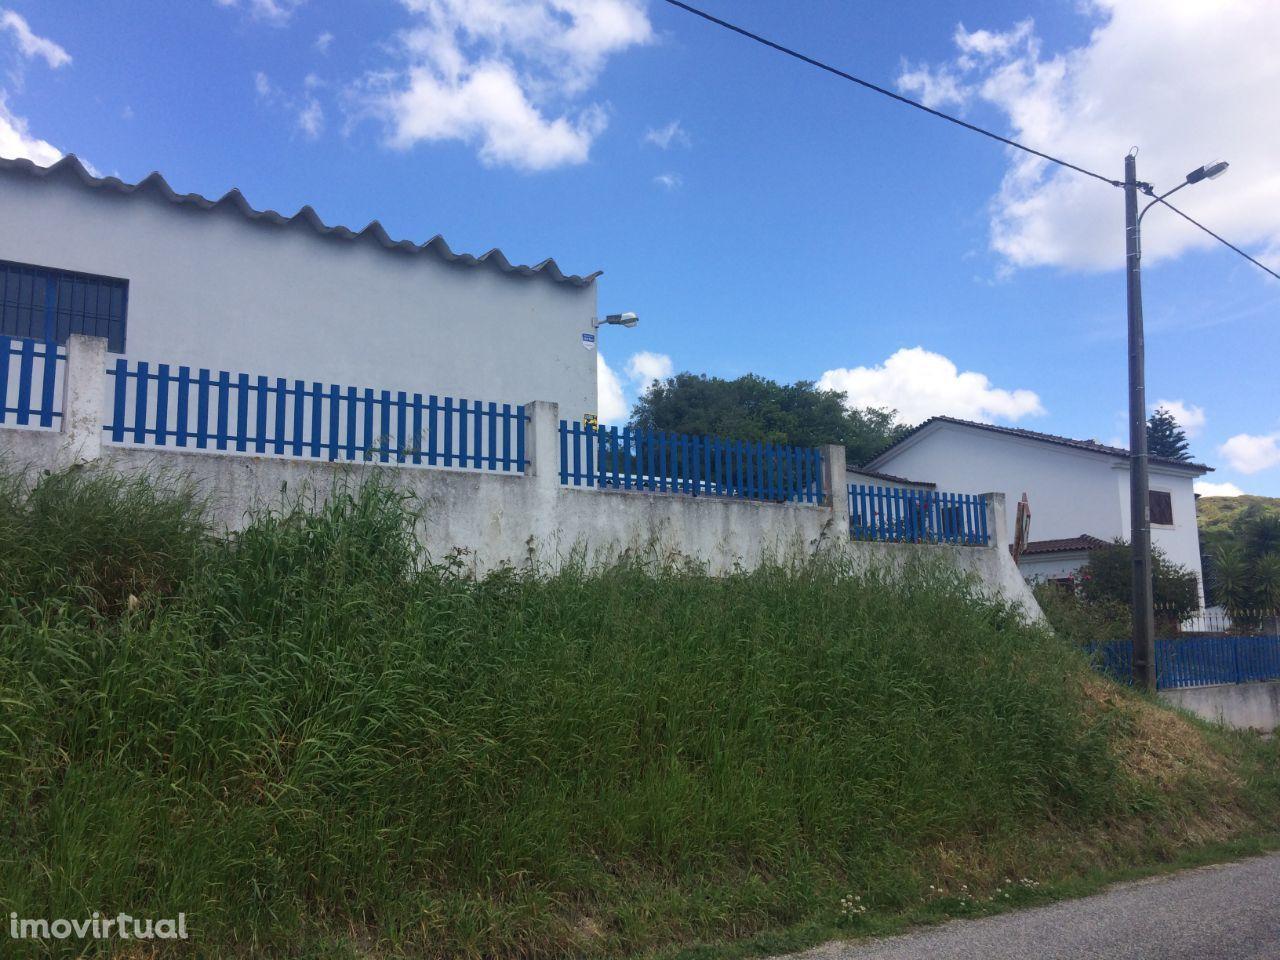 Armazém industrial em Arranhó, Arruda dos Vinhos